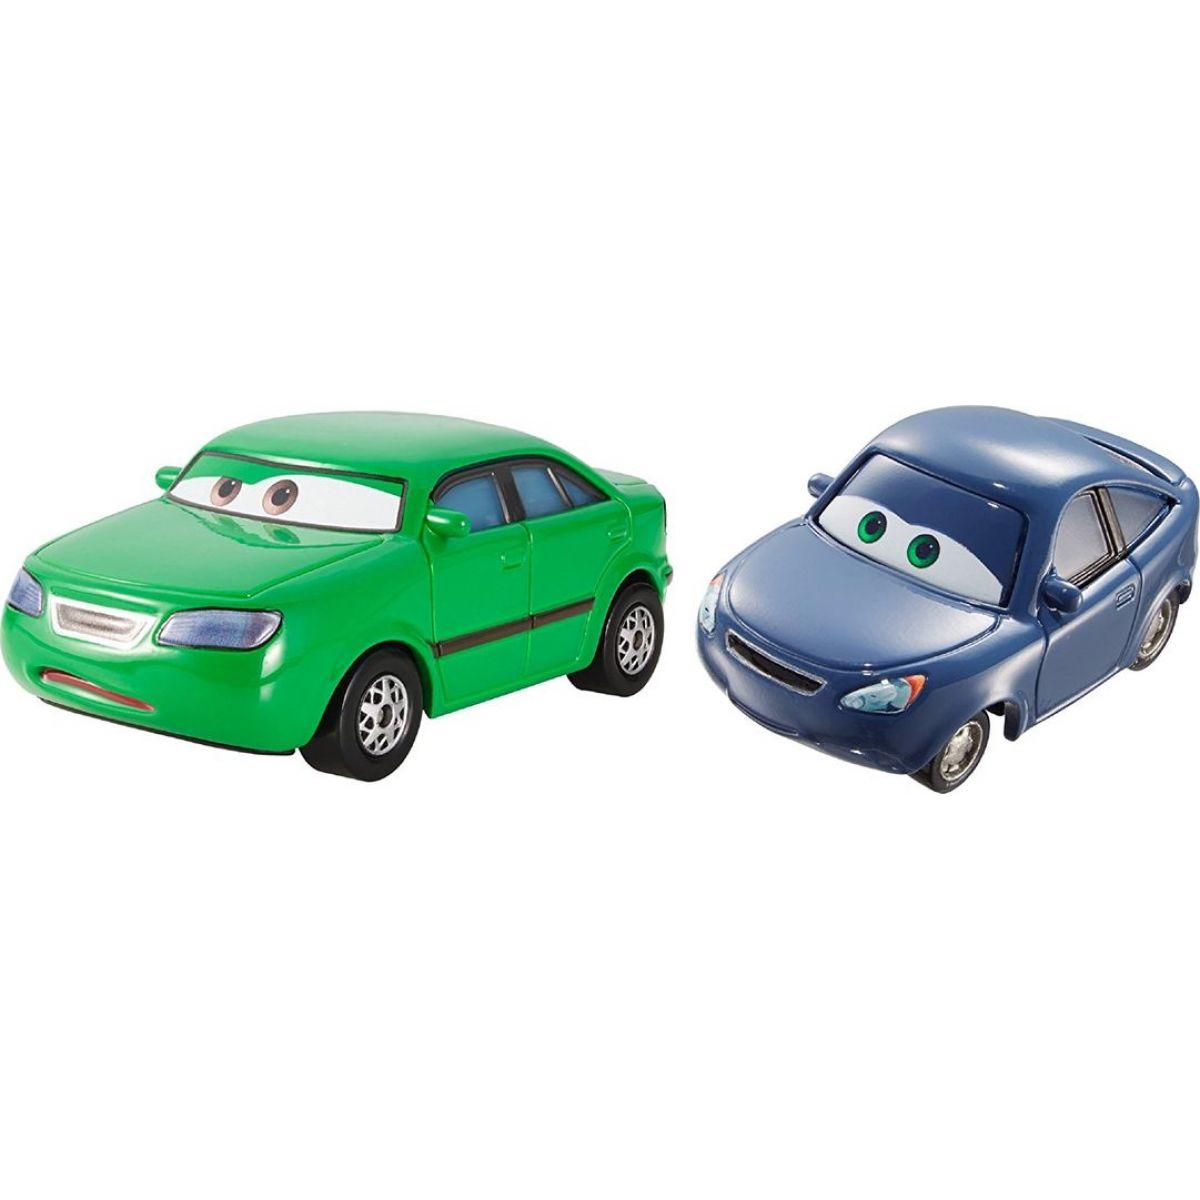 Cars 2 autíčka 2ks Mattel Y0506 - Dan Sclarkenberg a Kim Carllins